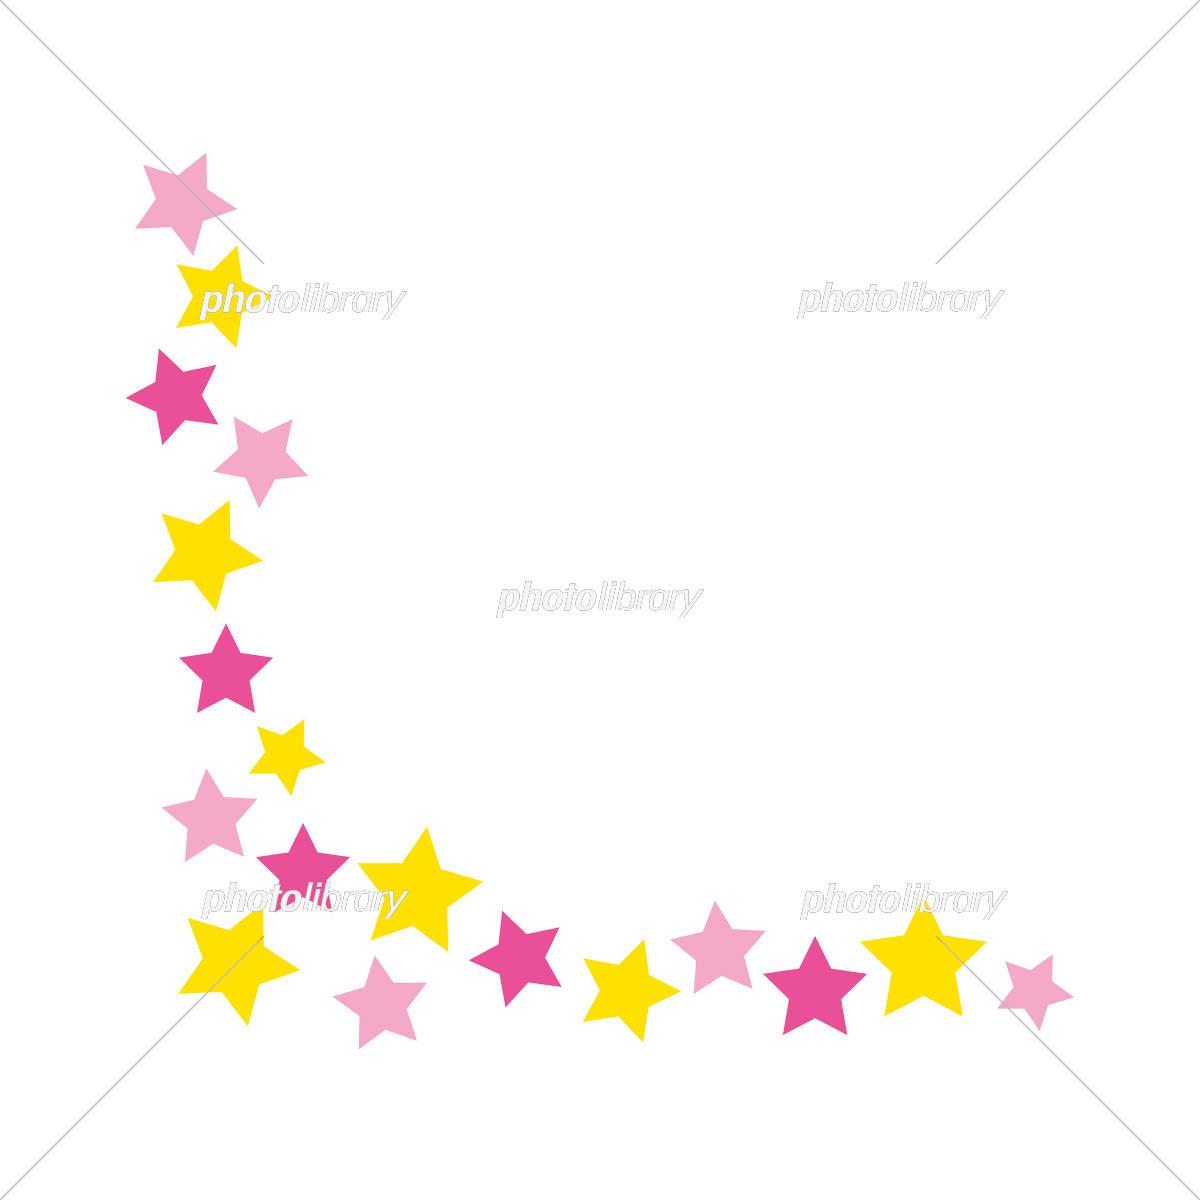 フレーム 背景 かわいい 星 イラスト素材 [ 5410554 ] - フォトライブ